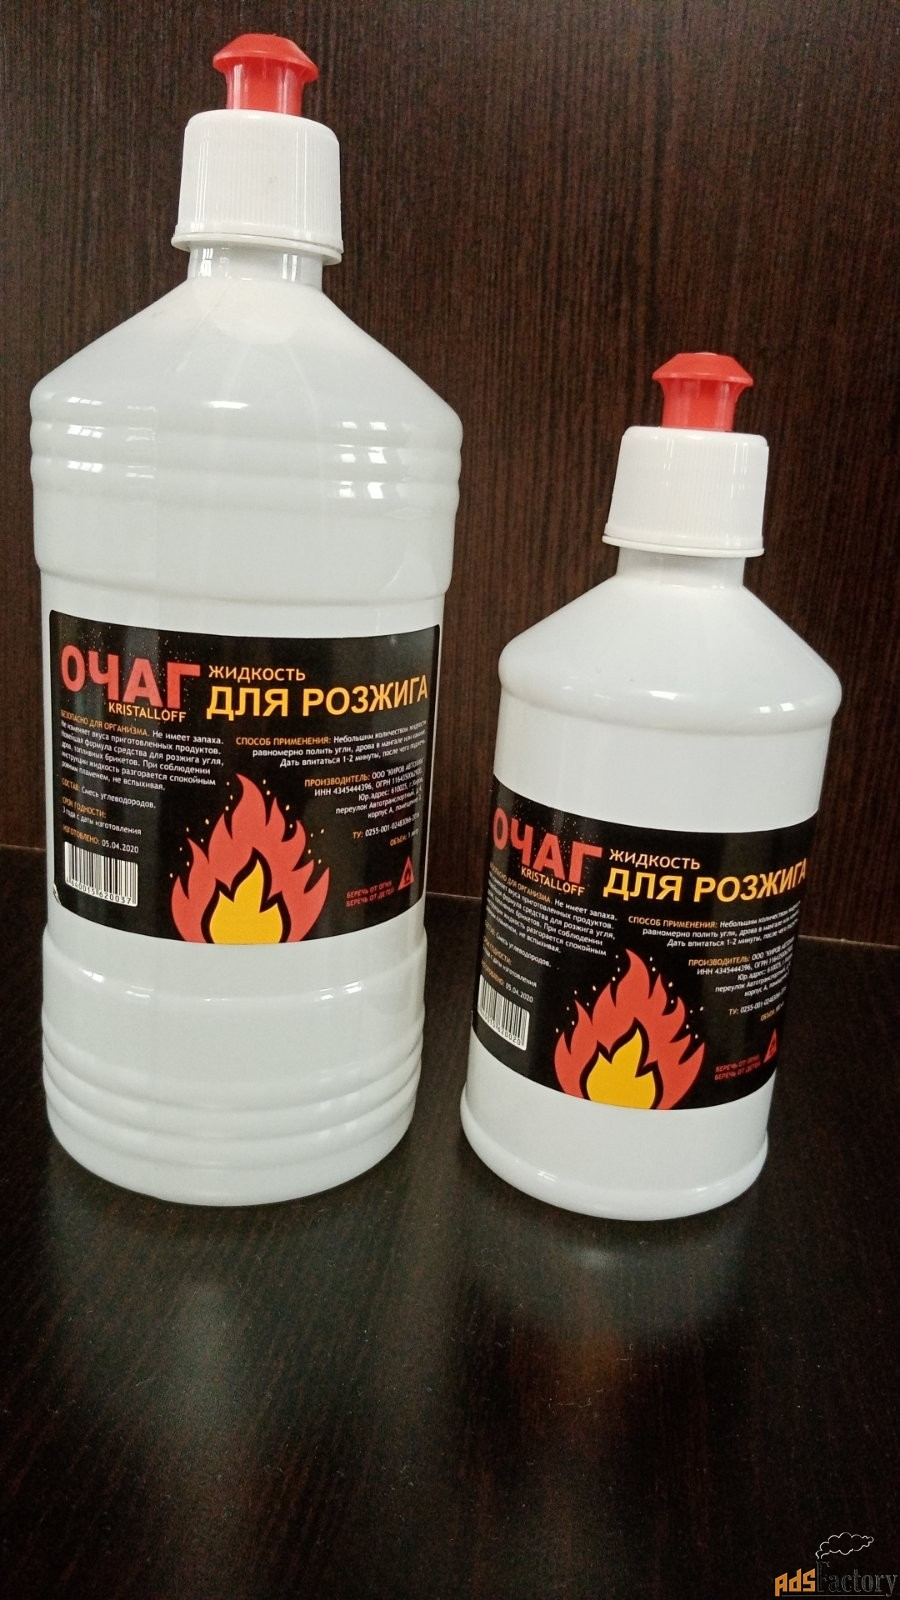 жидкость для розжига «очаг»